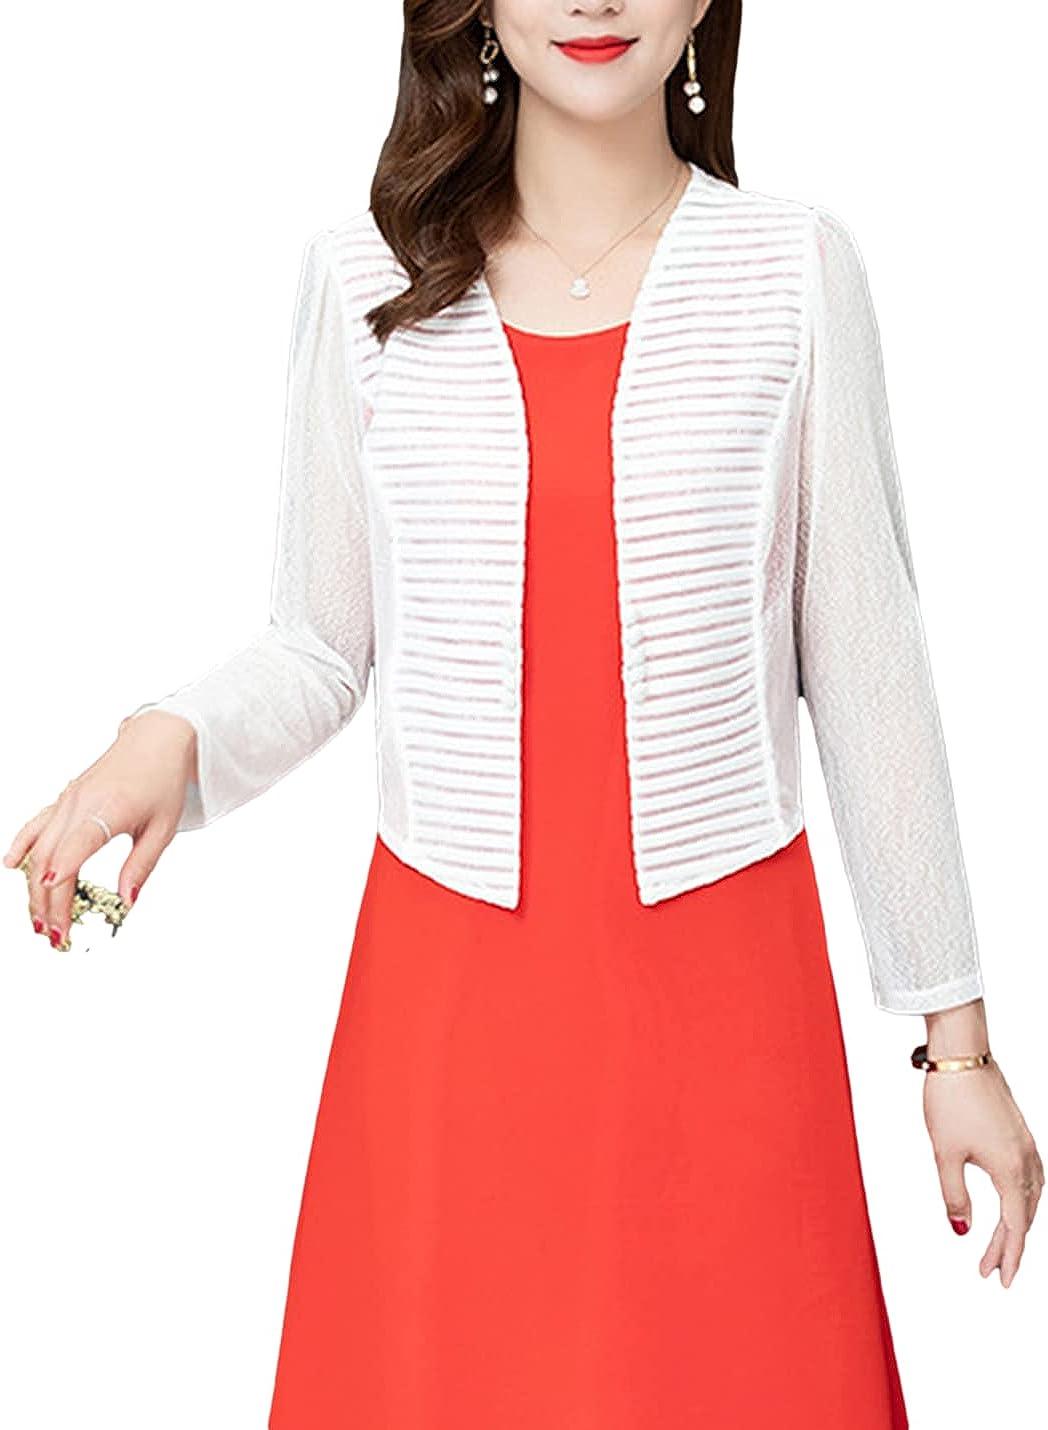 PUWEI Women's Casual Sheer Shrug Open Striped Front Cropped Bolero Cardigan Tops